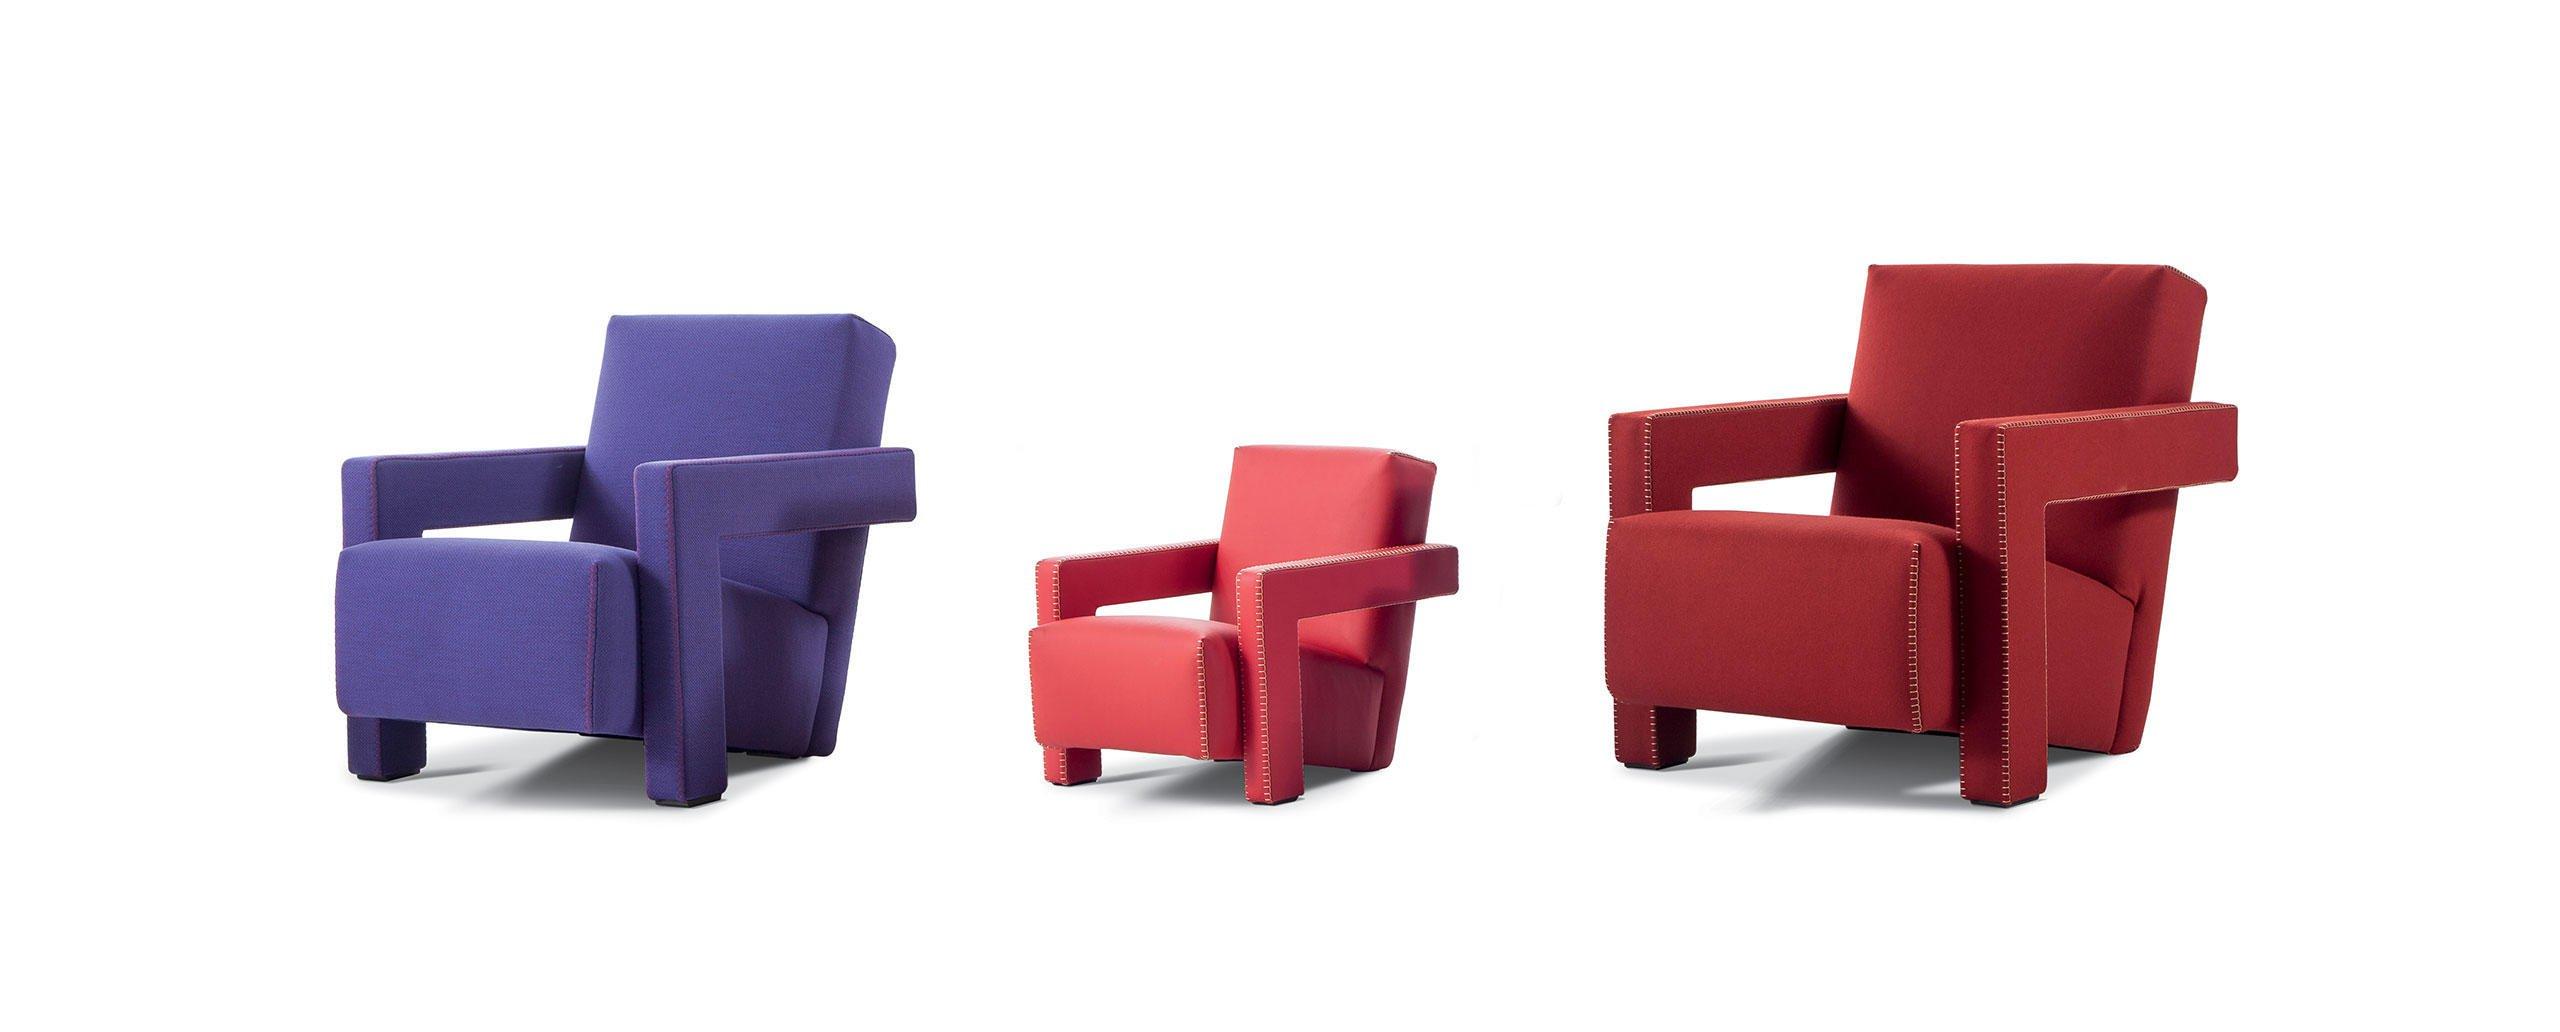 Inspiration Bauhaus Gerrit Thomas Rietveld Utrecht Armchair